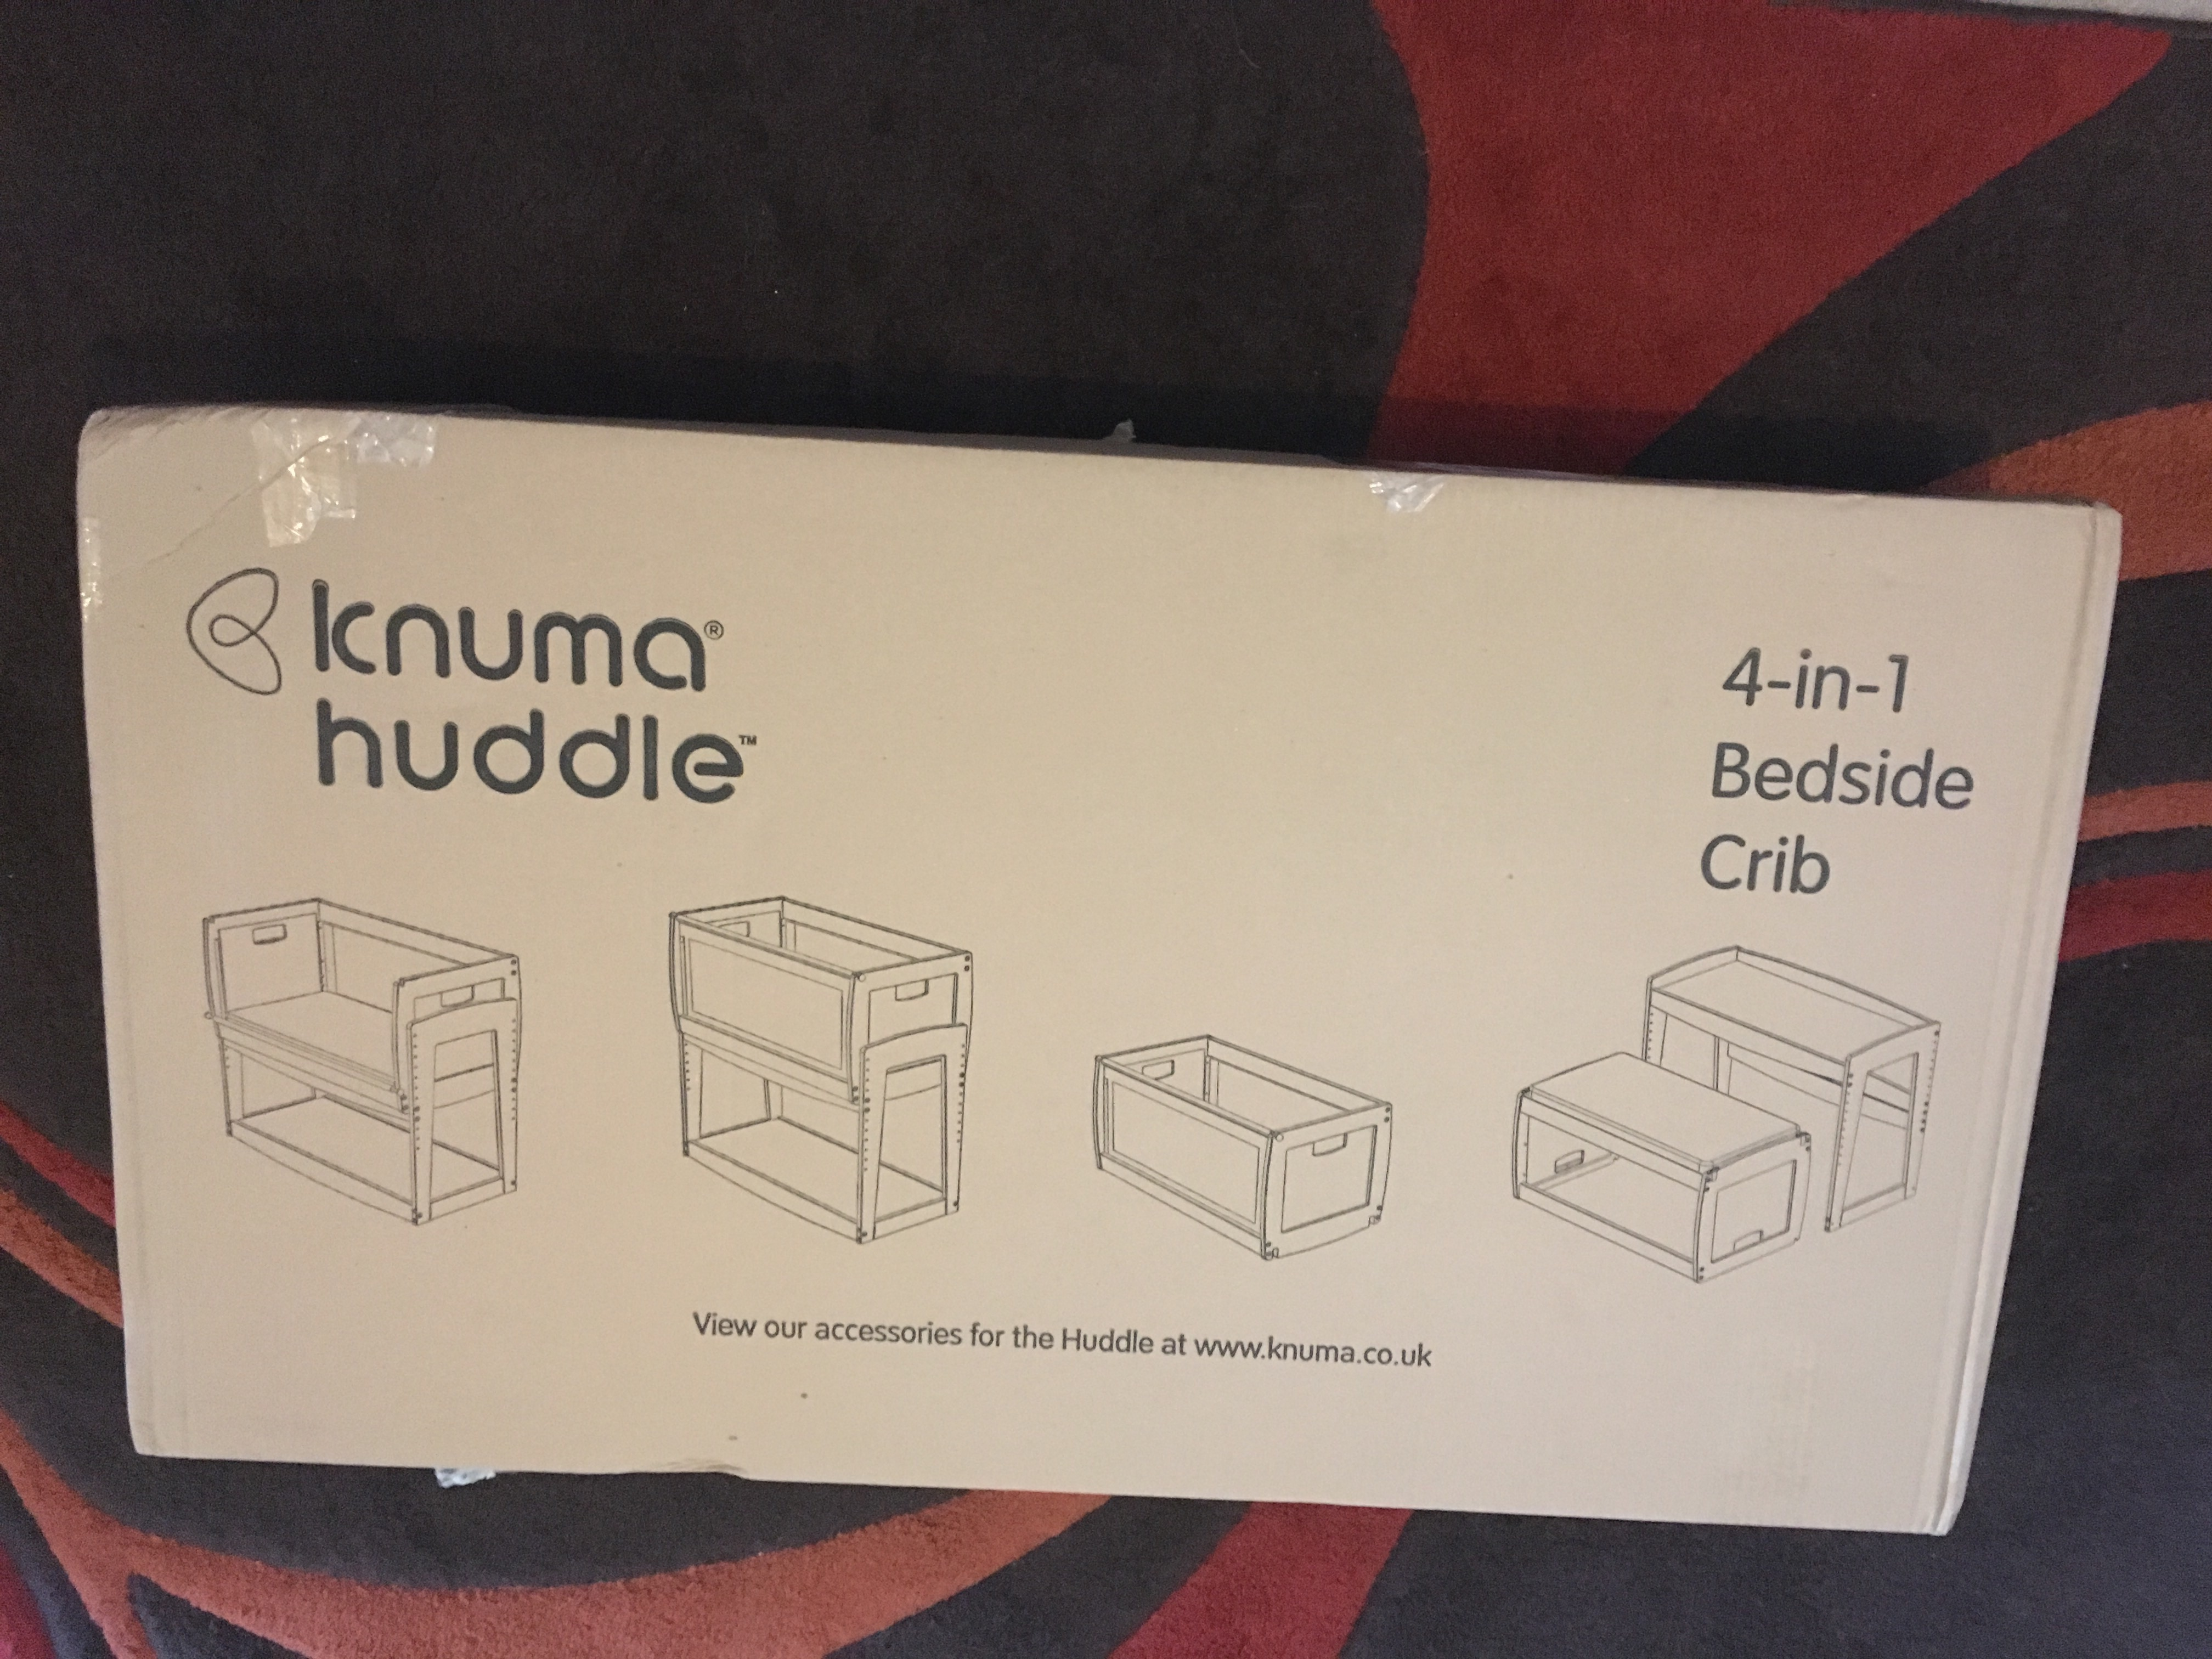 Knuma Huddle